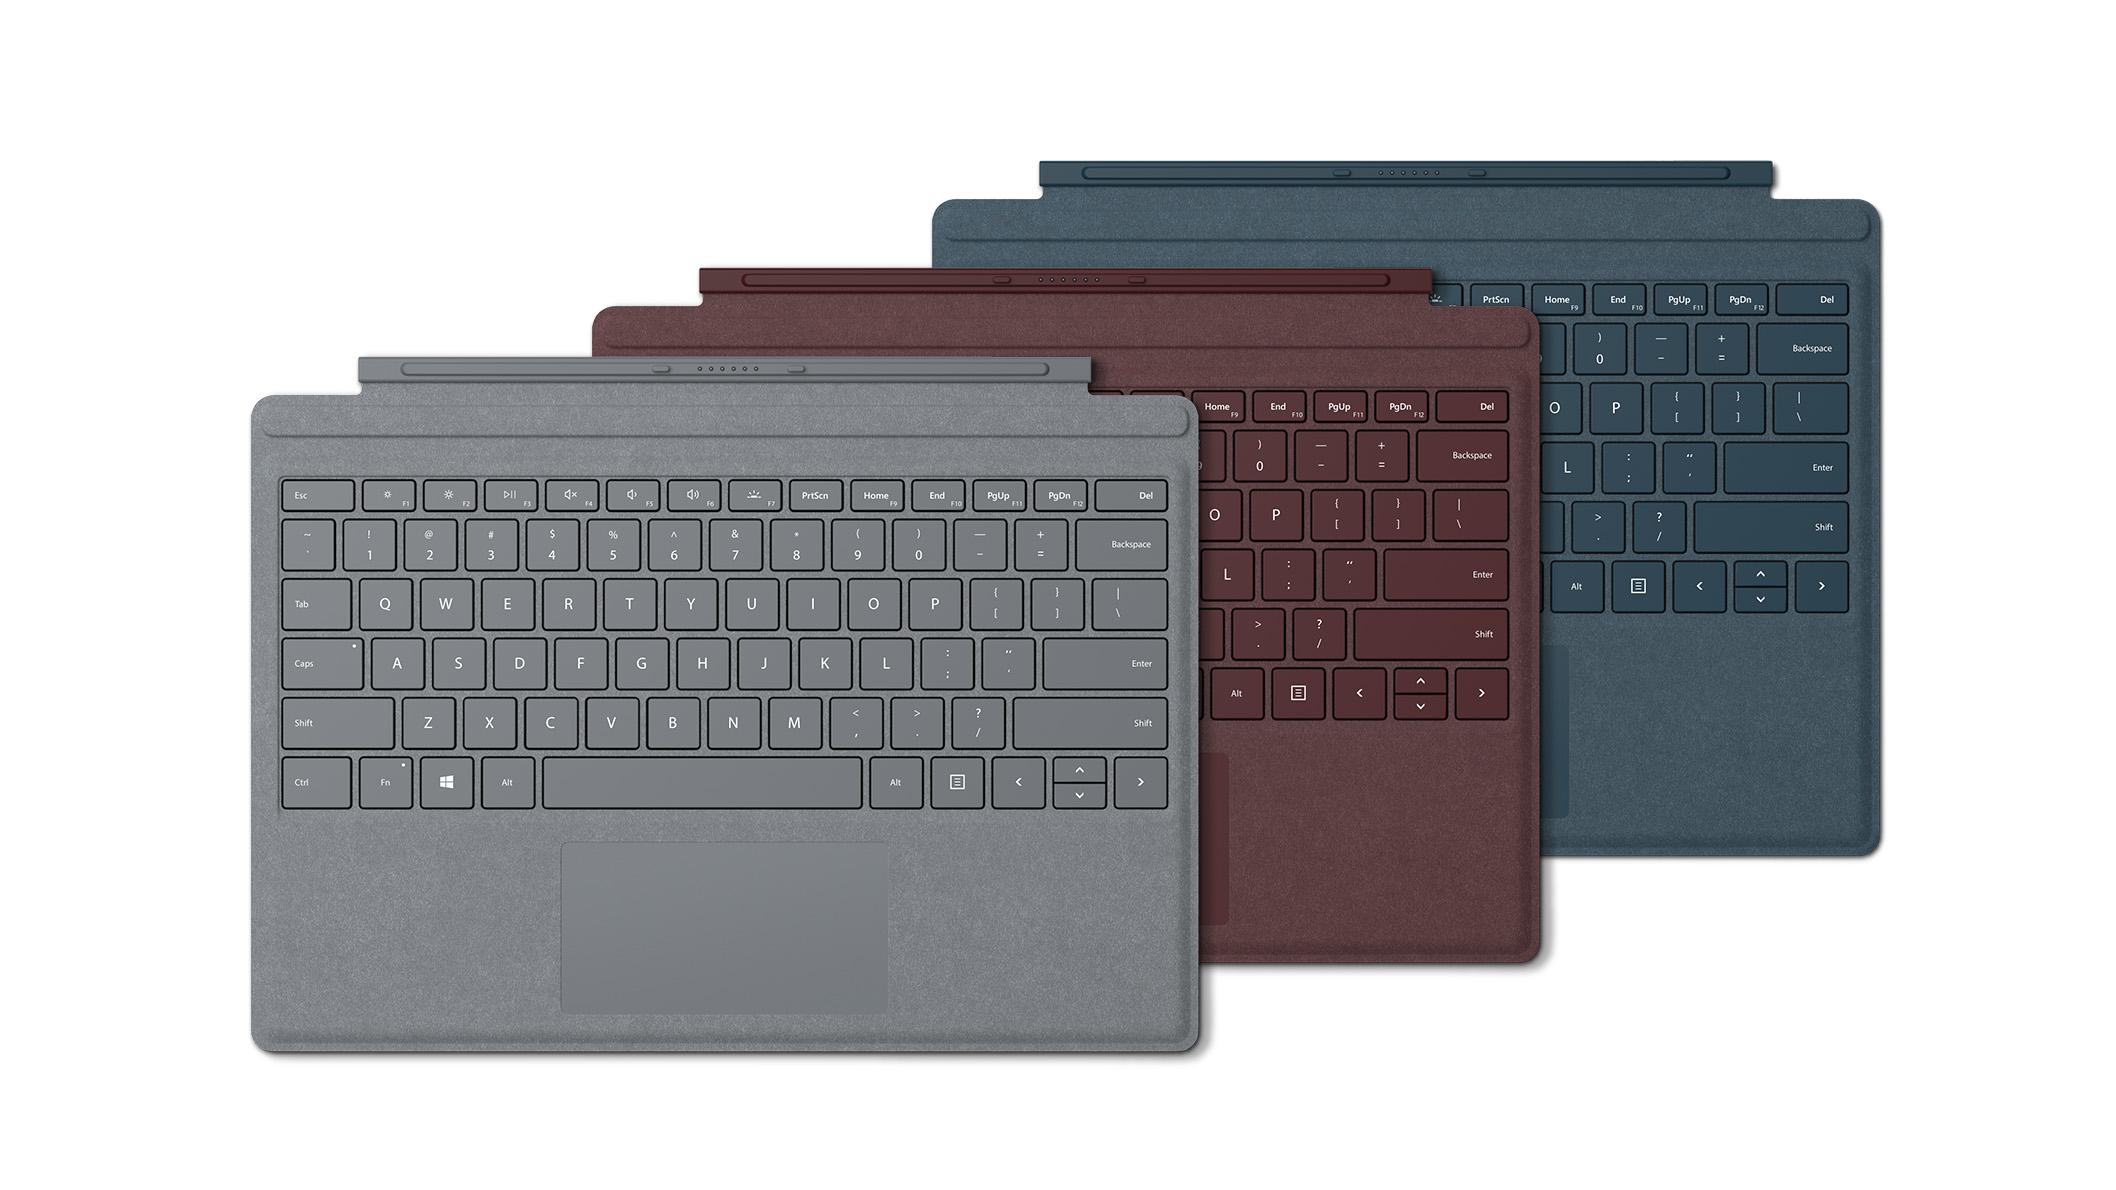 RW80TT?ver=89b9&q=90&m=6&h=450&w=800&b=%23FFFFFFFF&l=f&o=t - Surface Pro Signature Type Cover